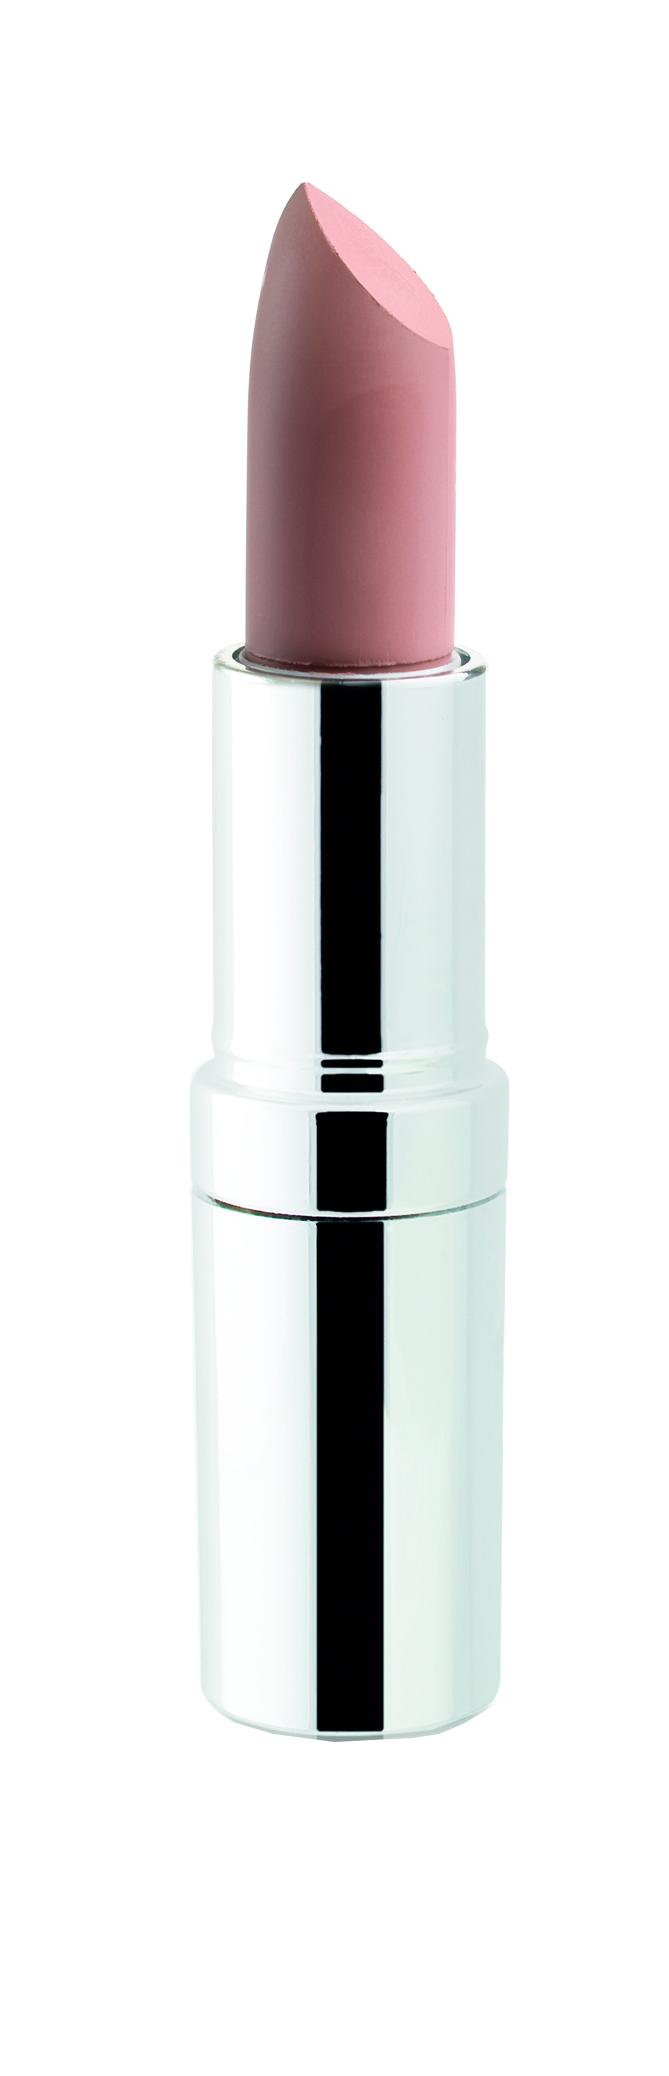 SEVENTEEN Помада губная устойчивая матовая SPF 15, 01 натуральный бежевый / Matte Lasting Lipstick 5 г